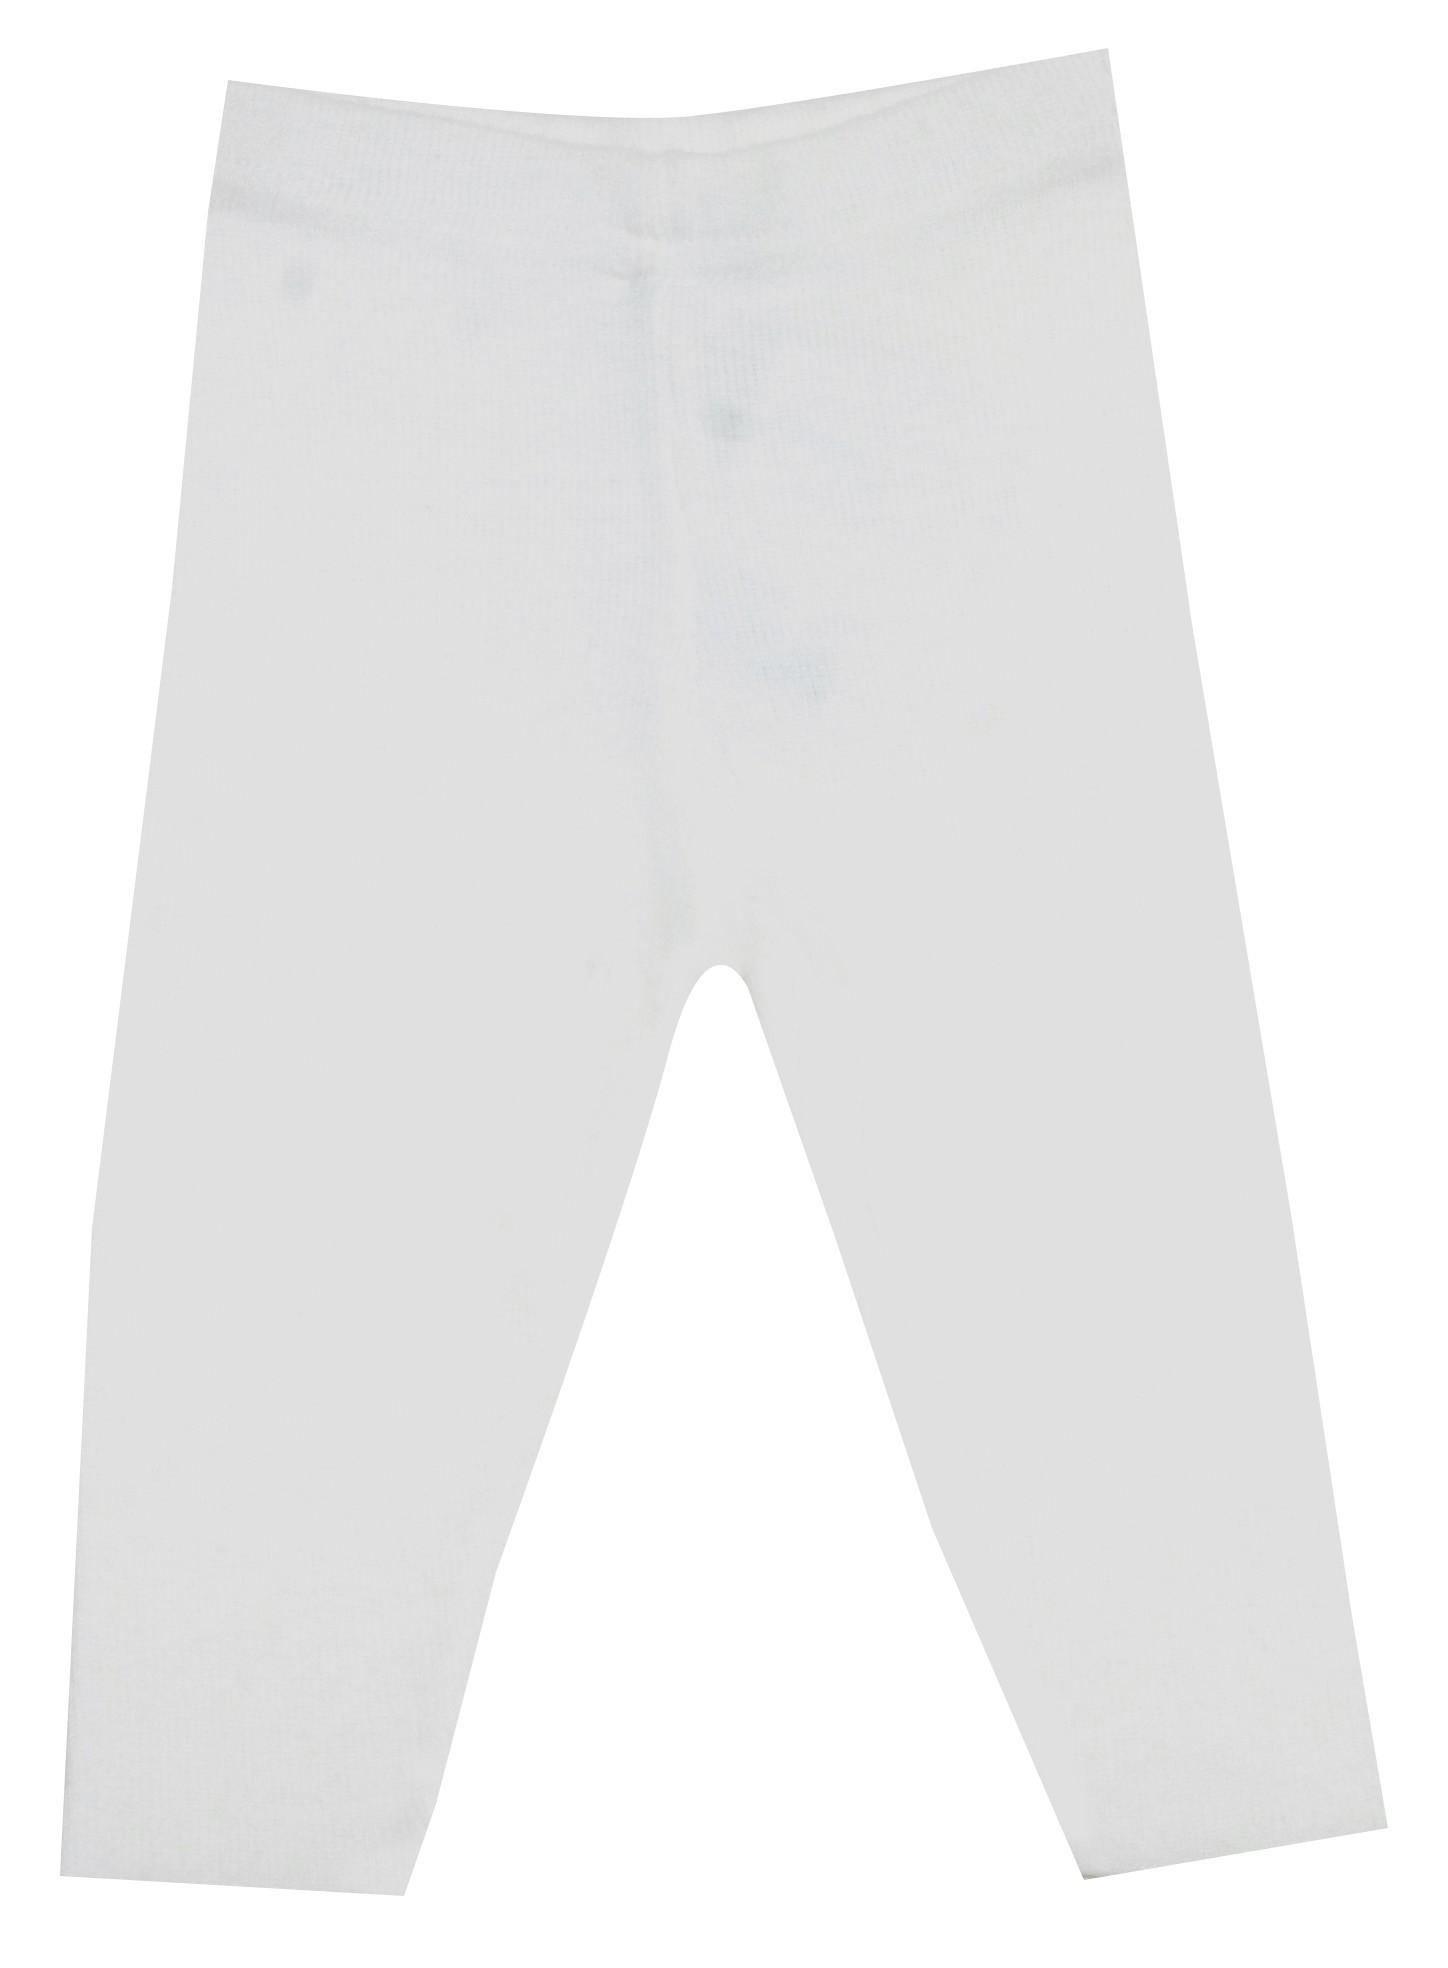 70.318 - Calça Básica Tricot